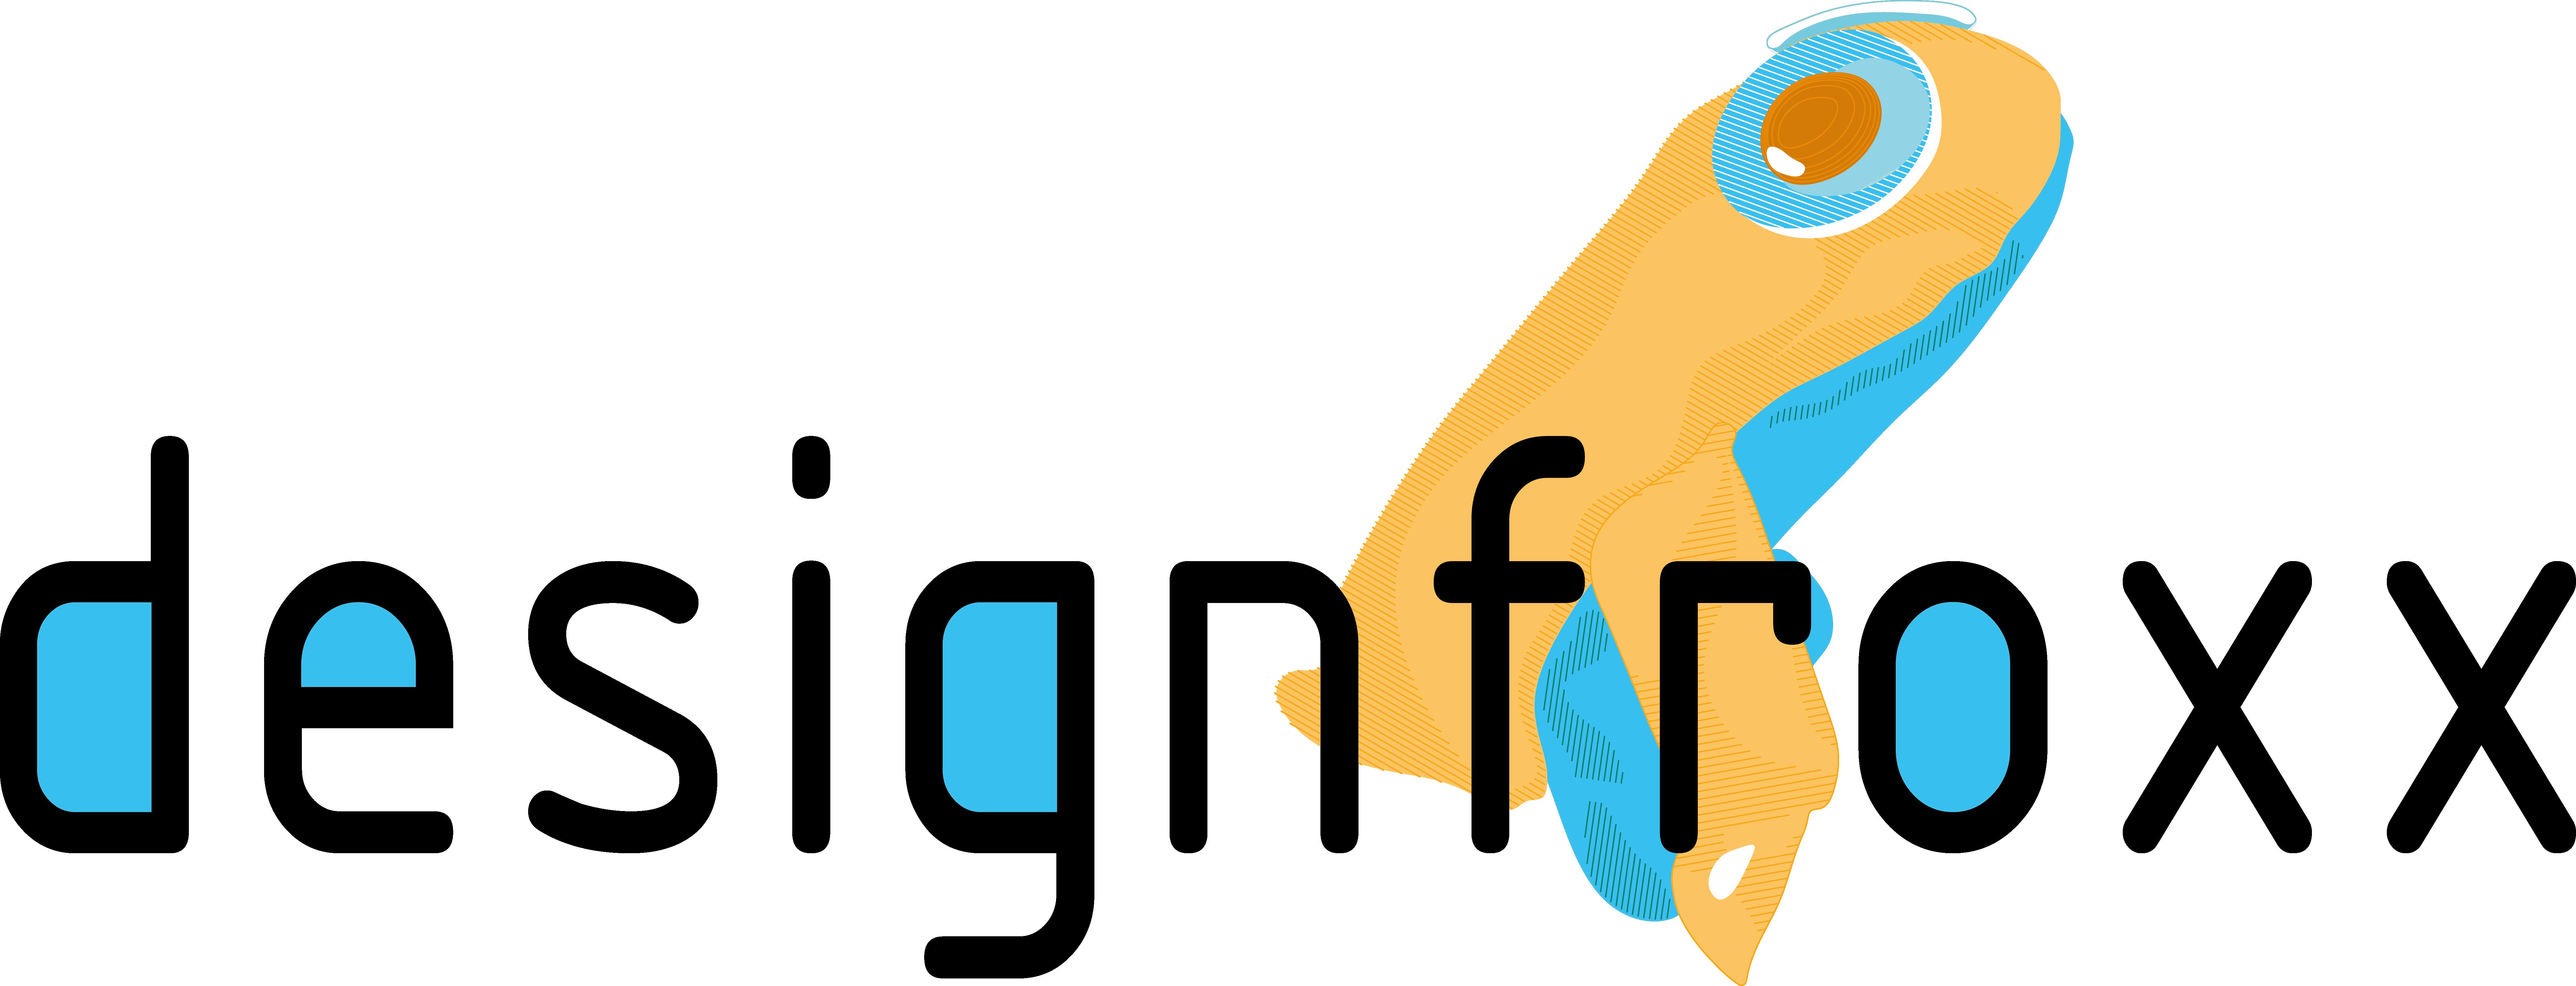 designfroxxcom